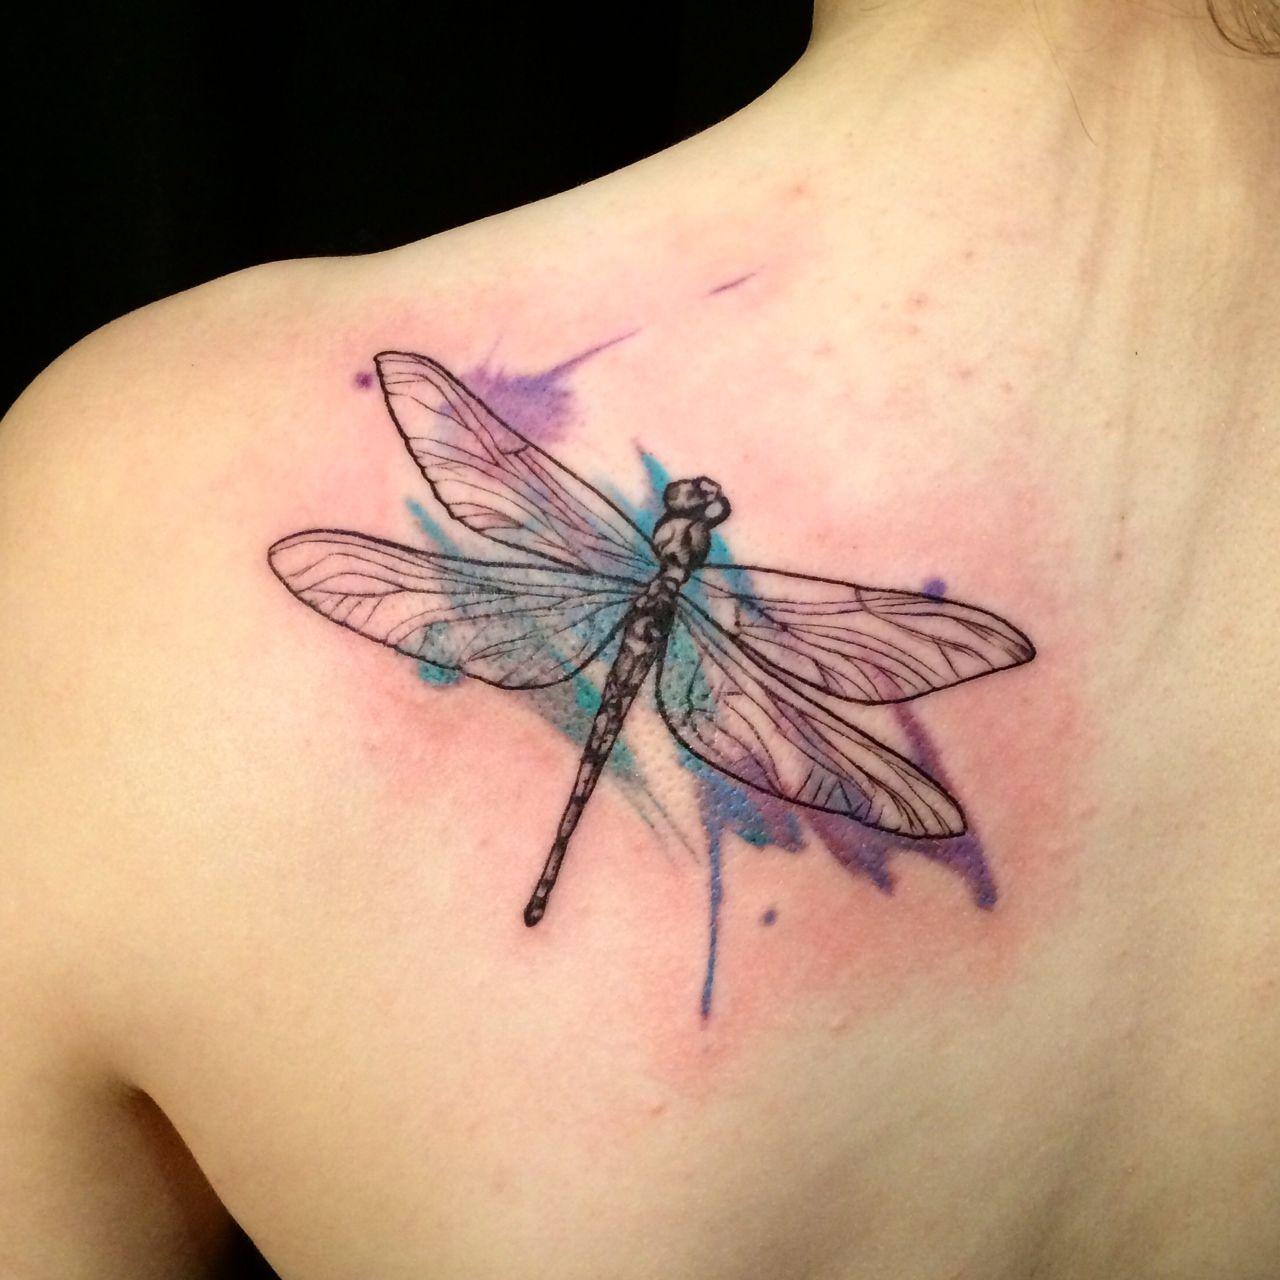 Dragonfly Tattoo   Artist: Lu Dreamworx Ink 3883 Rutherford Rd, Unit 11 Vaughan, ON L4L 9R8 905-605-2663 @Dreamworx Ink